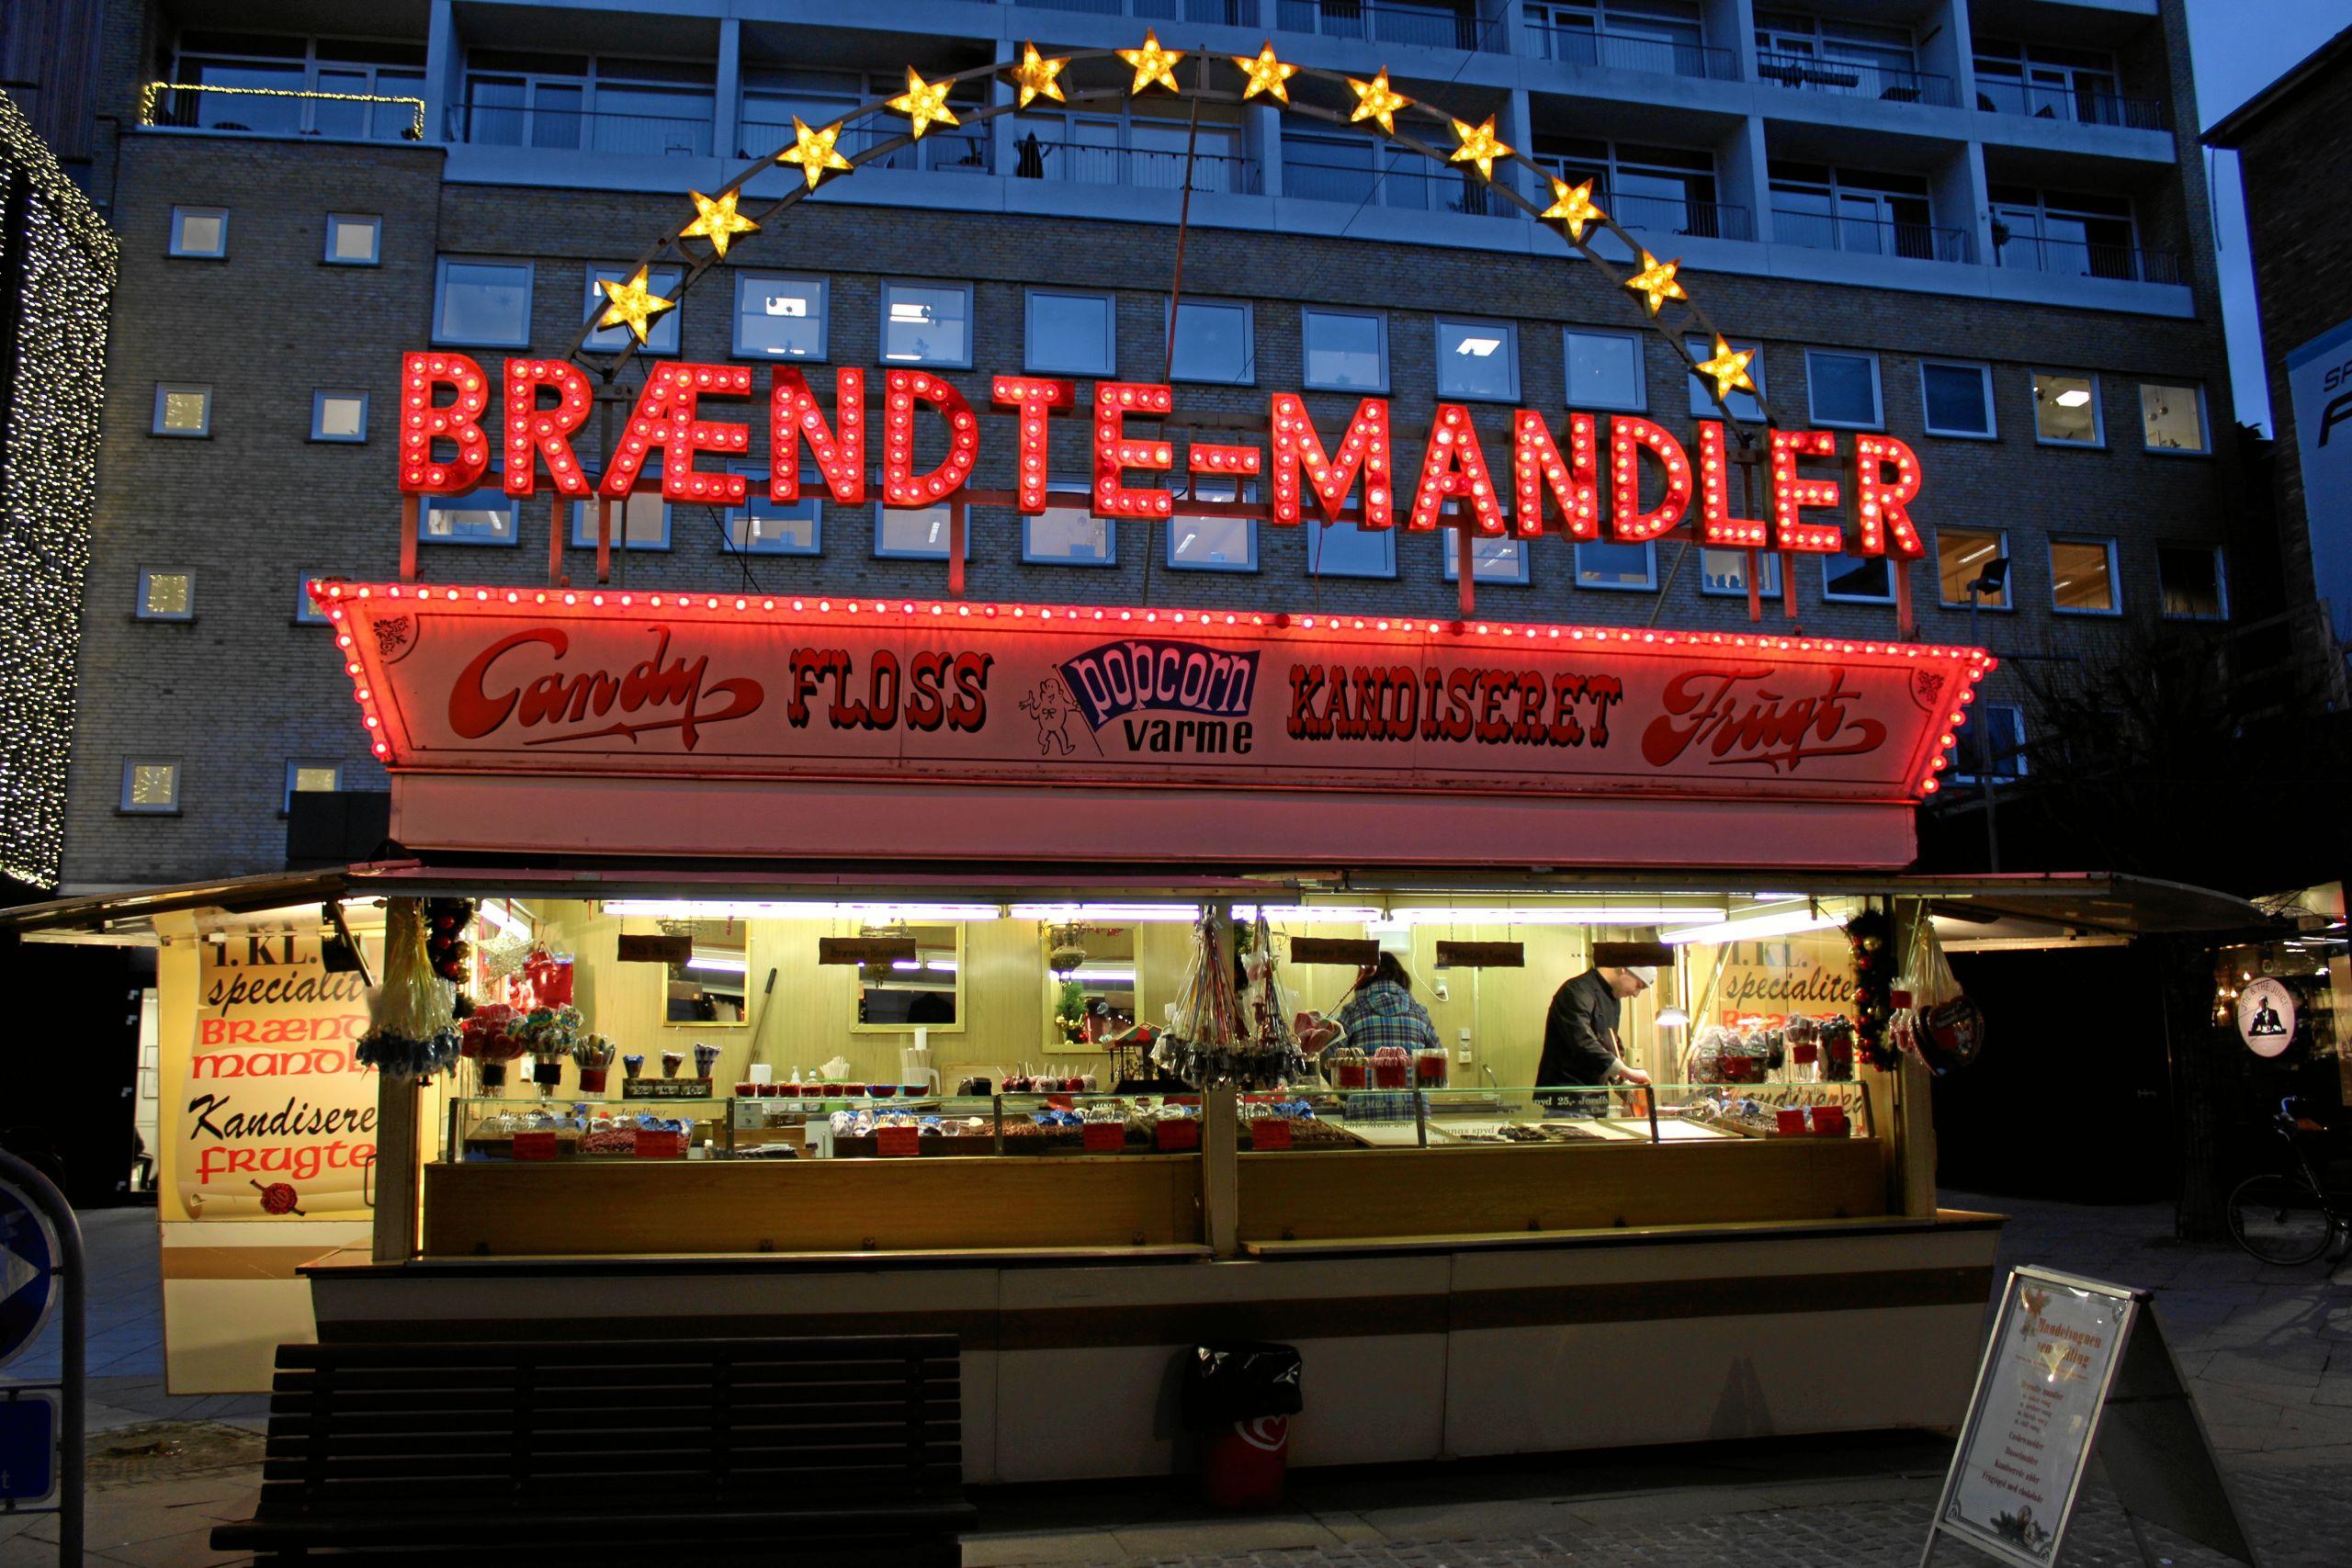 Brændte-Mandler-vognen har stået i Algade hver jul de seneste 40 år. Foto: Pauline Vink